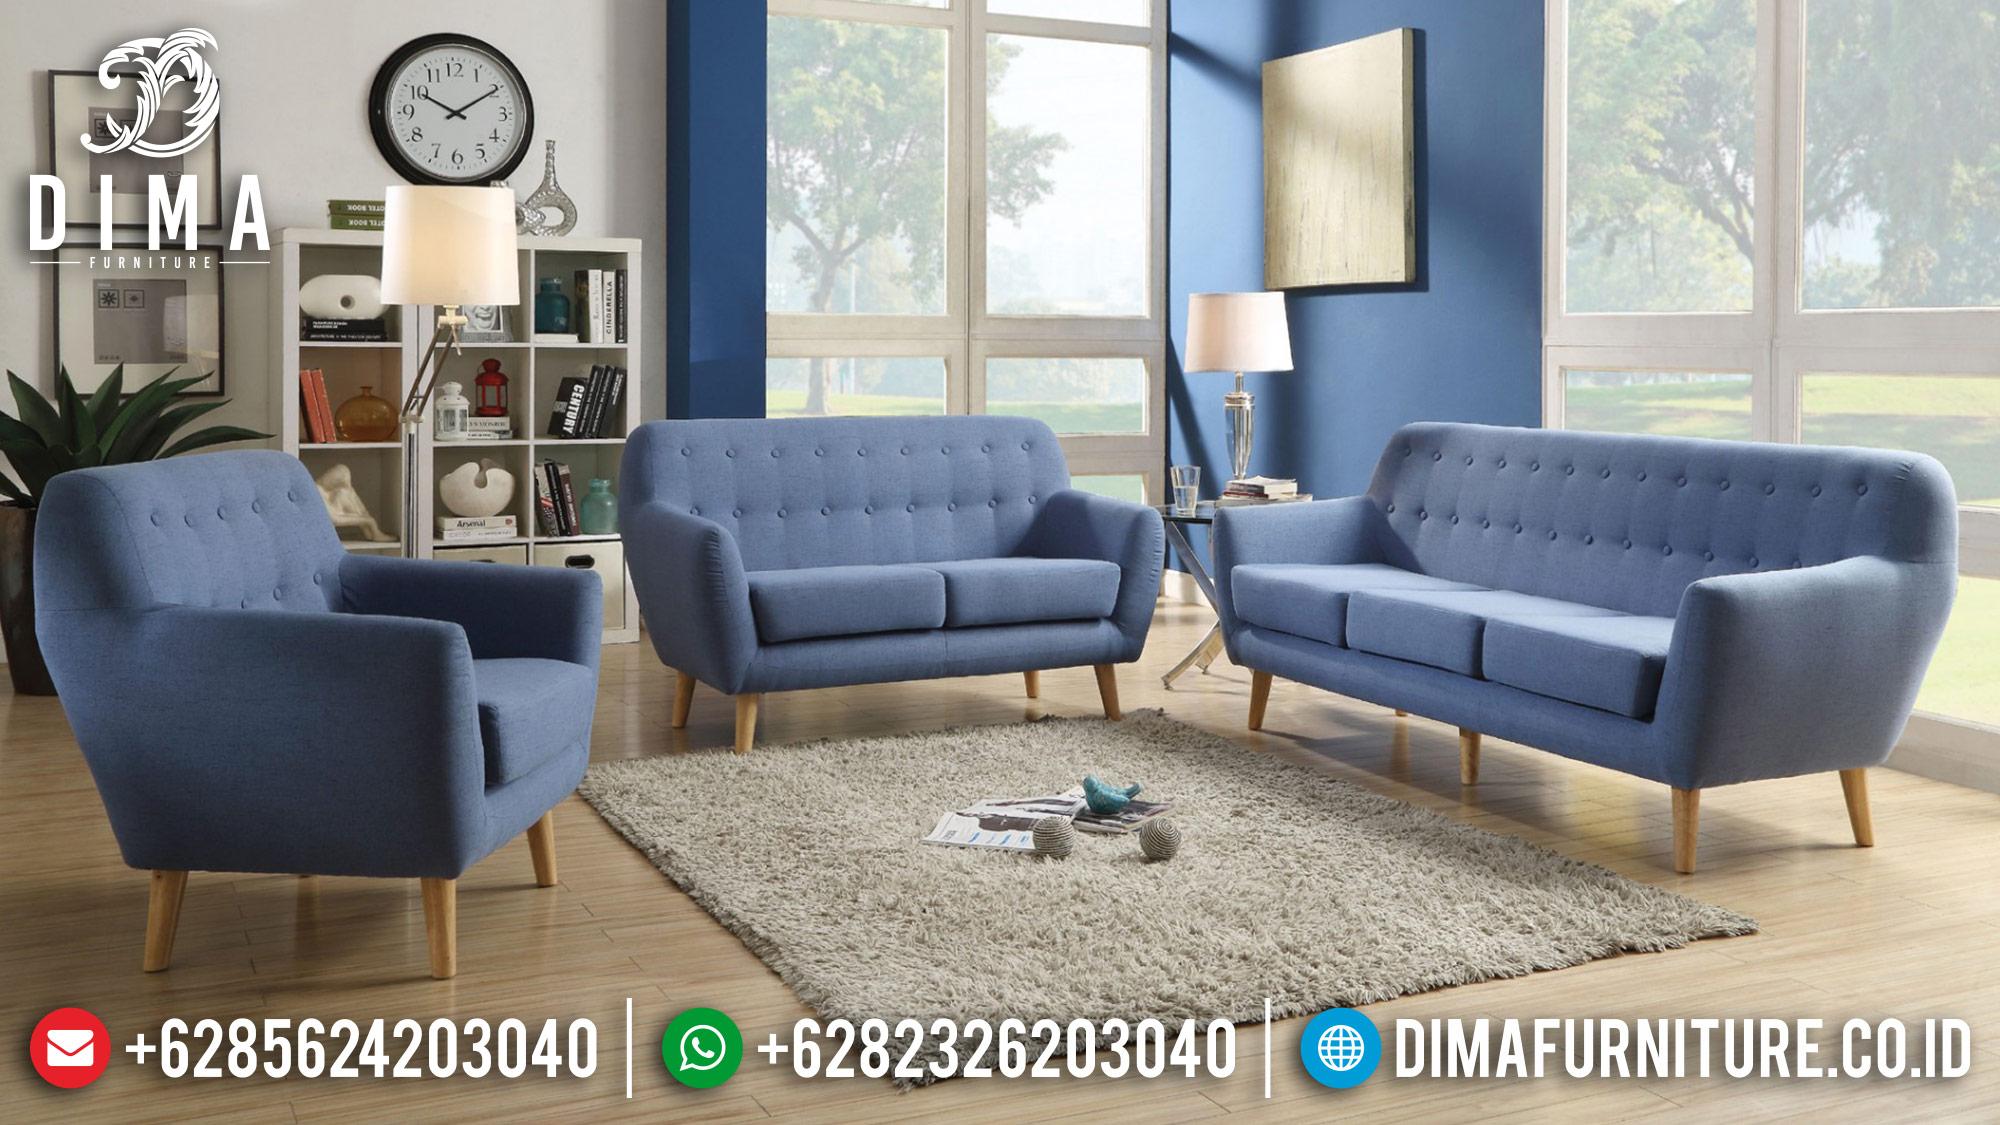 Sofa Tamu Mewah Terbaru Jepara 10 Dima Furniture Jepara